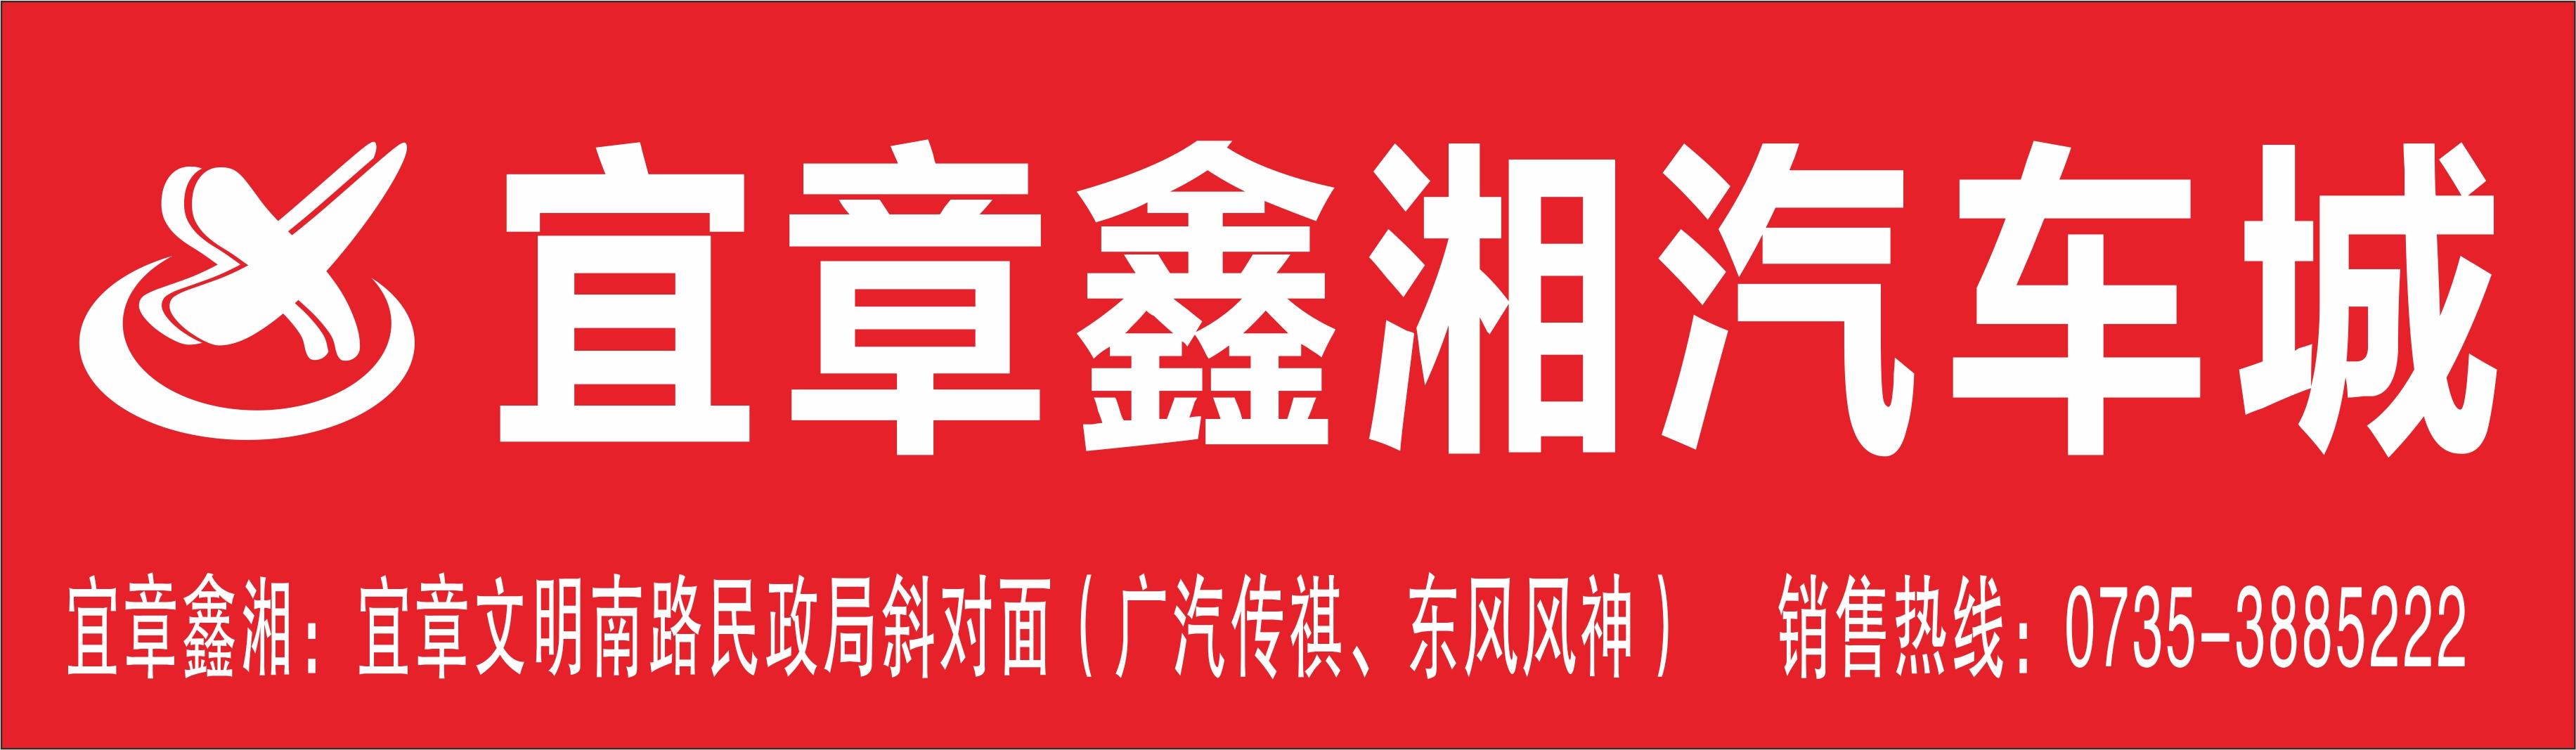 澳门星际平台鑫湘汽车销售有限公司